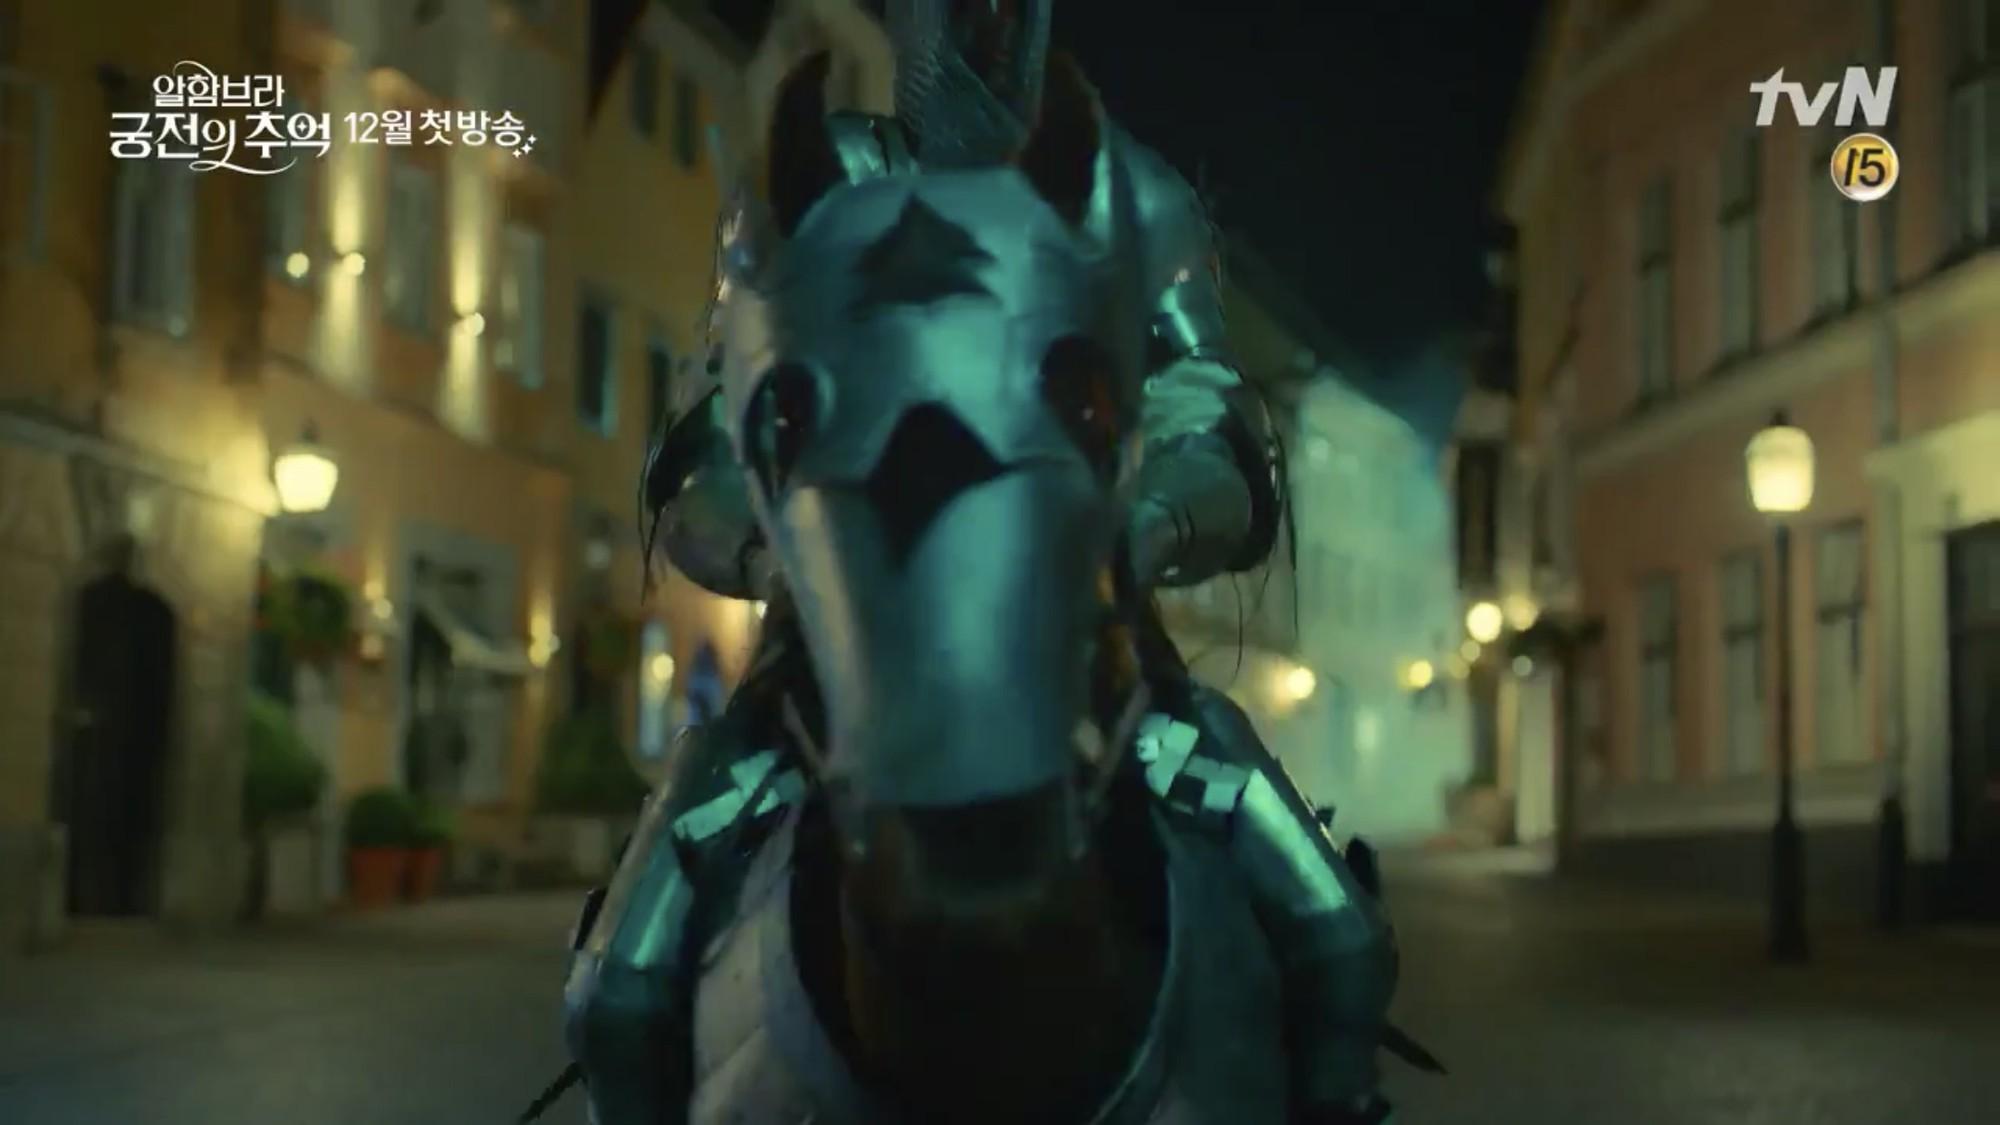 Park Shin Hye trùm khăn đỏ huyền bí trong teaser Memories of the Alhambra vừa tung nóng hổi - Ảnh 8.